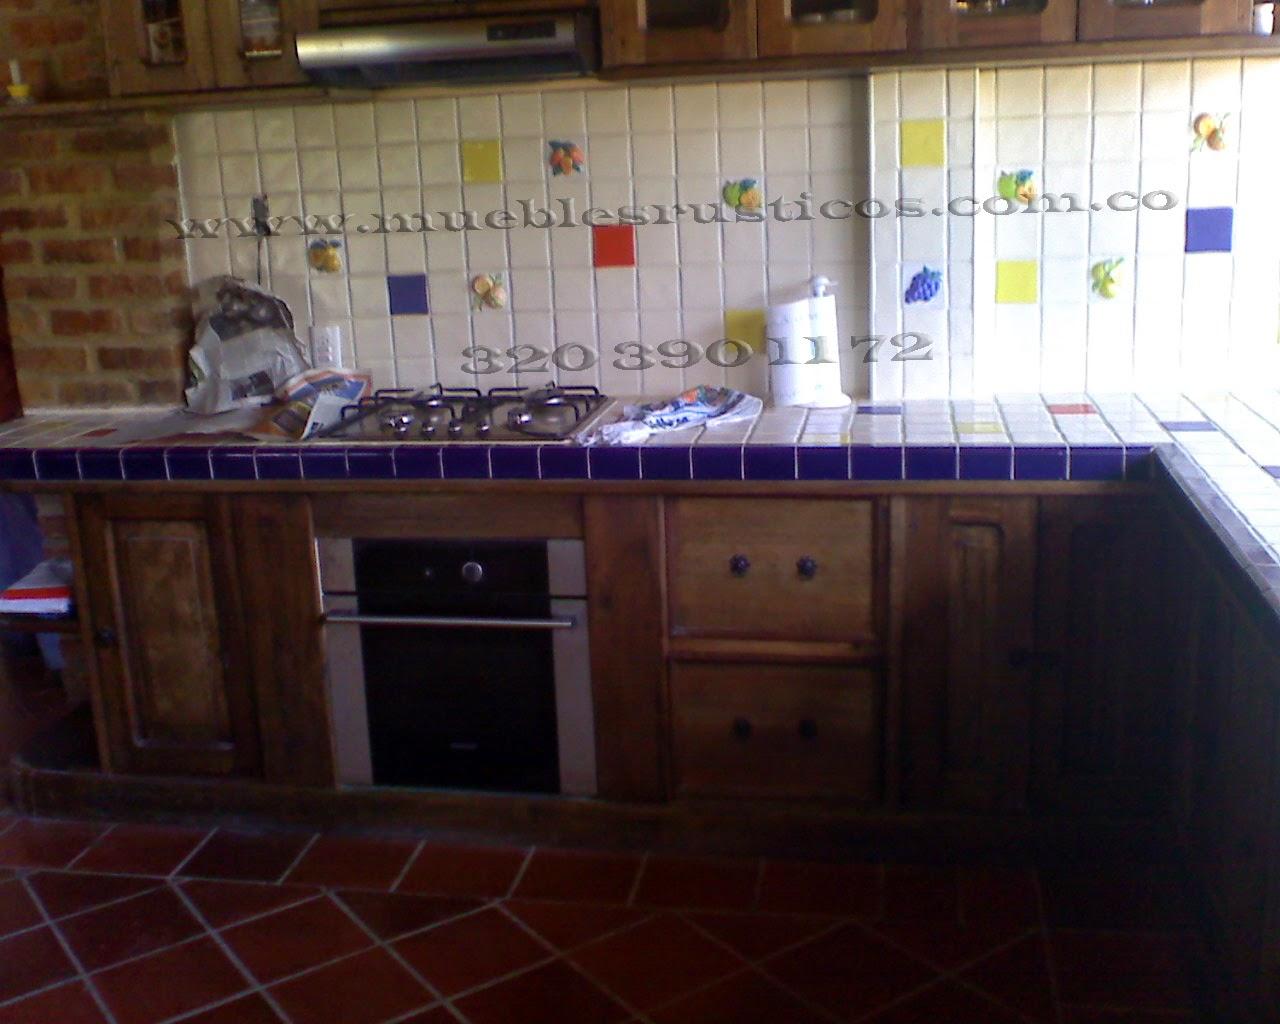 Muebles rusticos bogota cocinas integrales en madera for Muebles cocina bogota